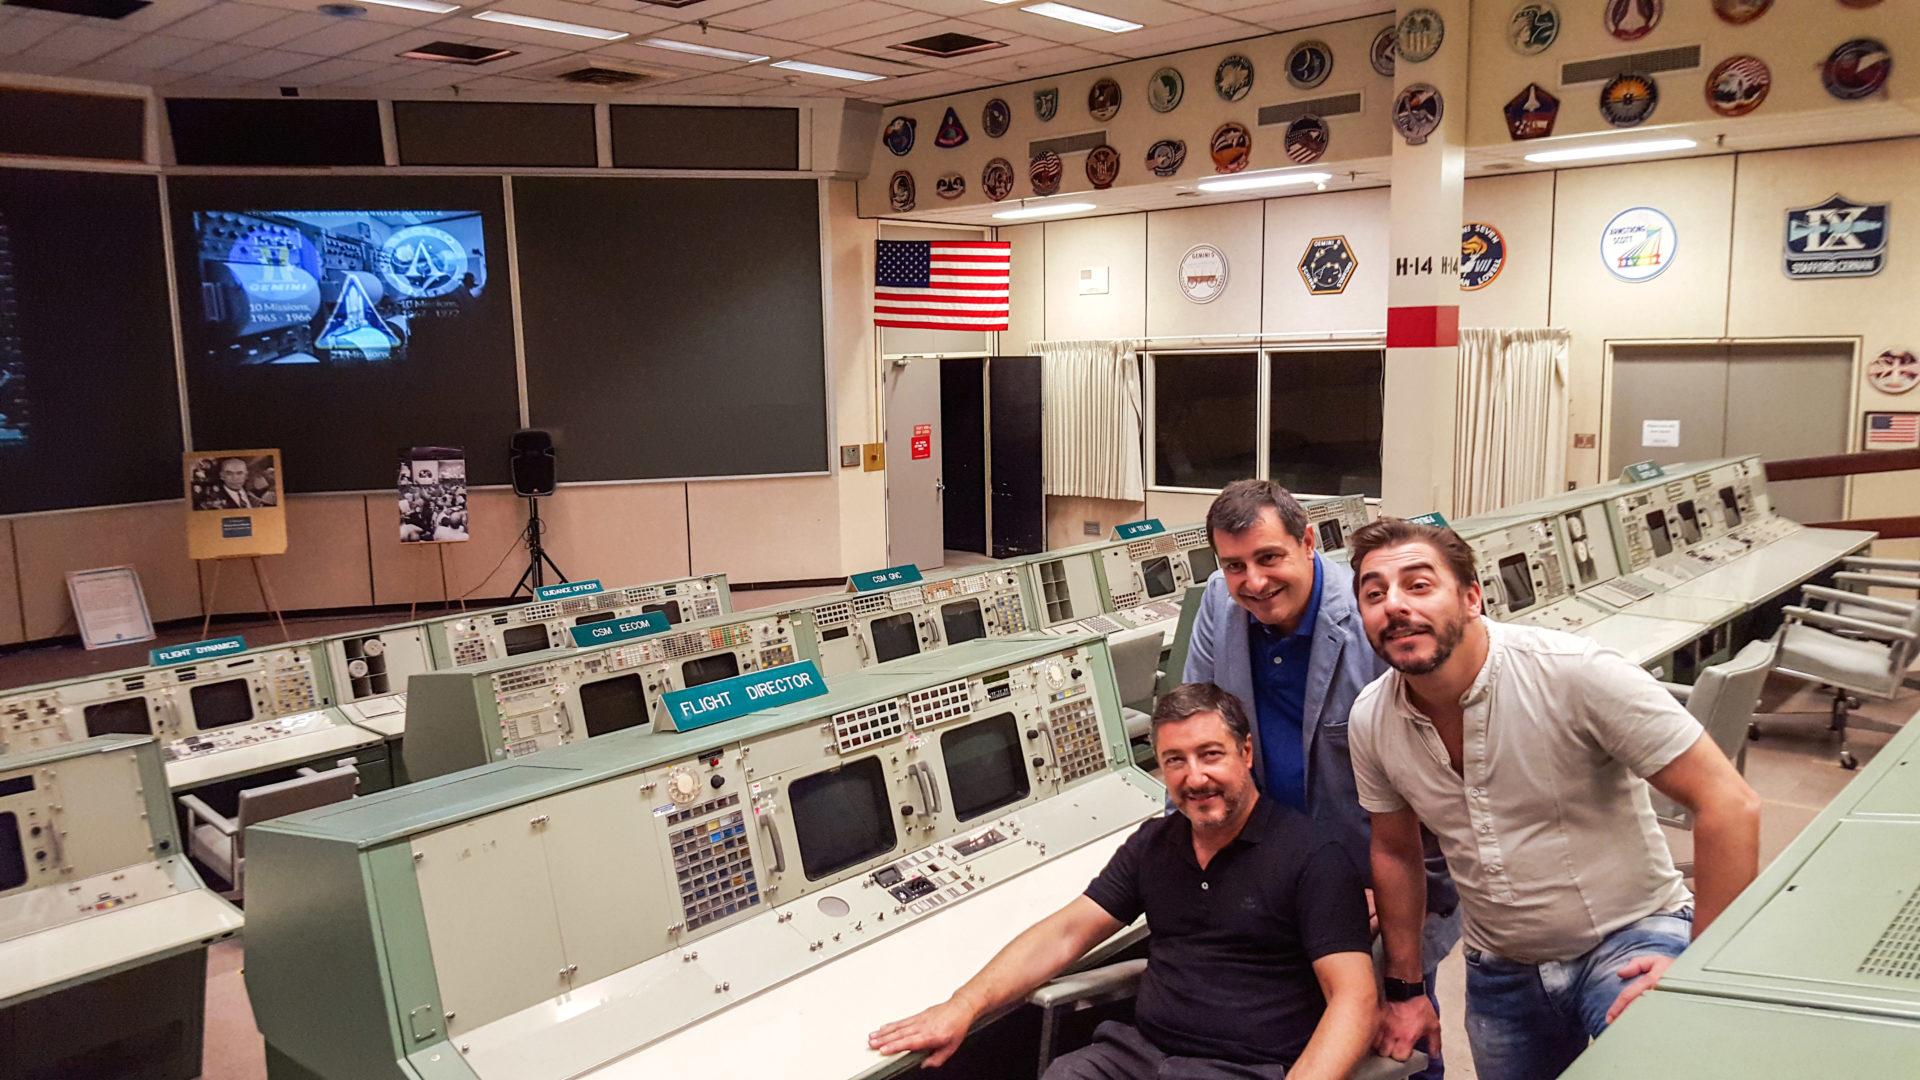 Fotografía: Los Hermanos Roca visitan la NASA - El Celler